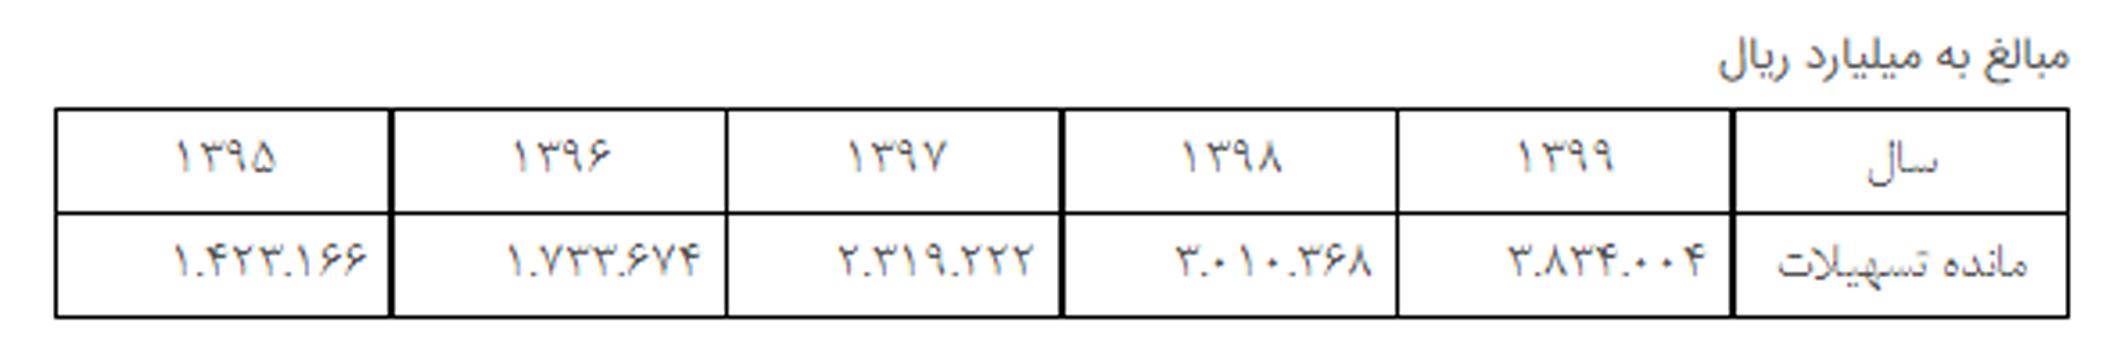 جدول بانک ملی